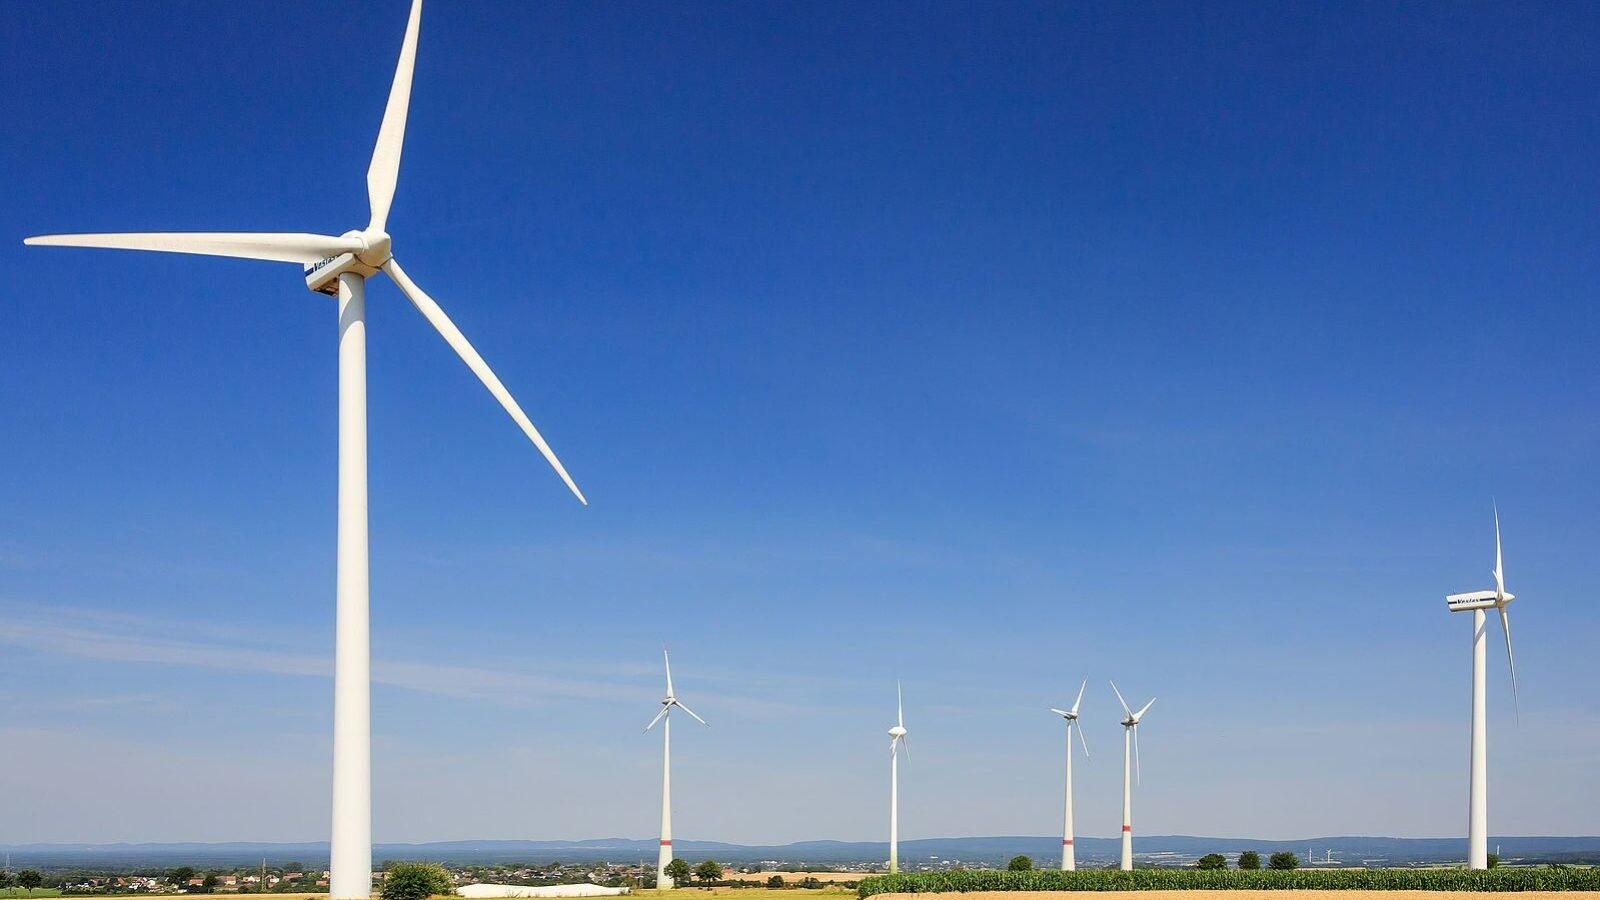 Wind turbines in a remote area